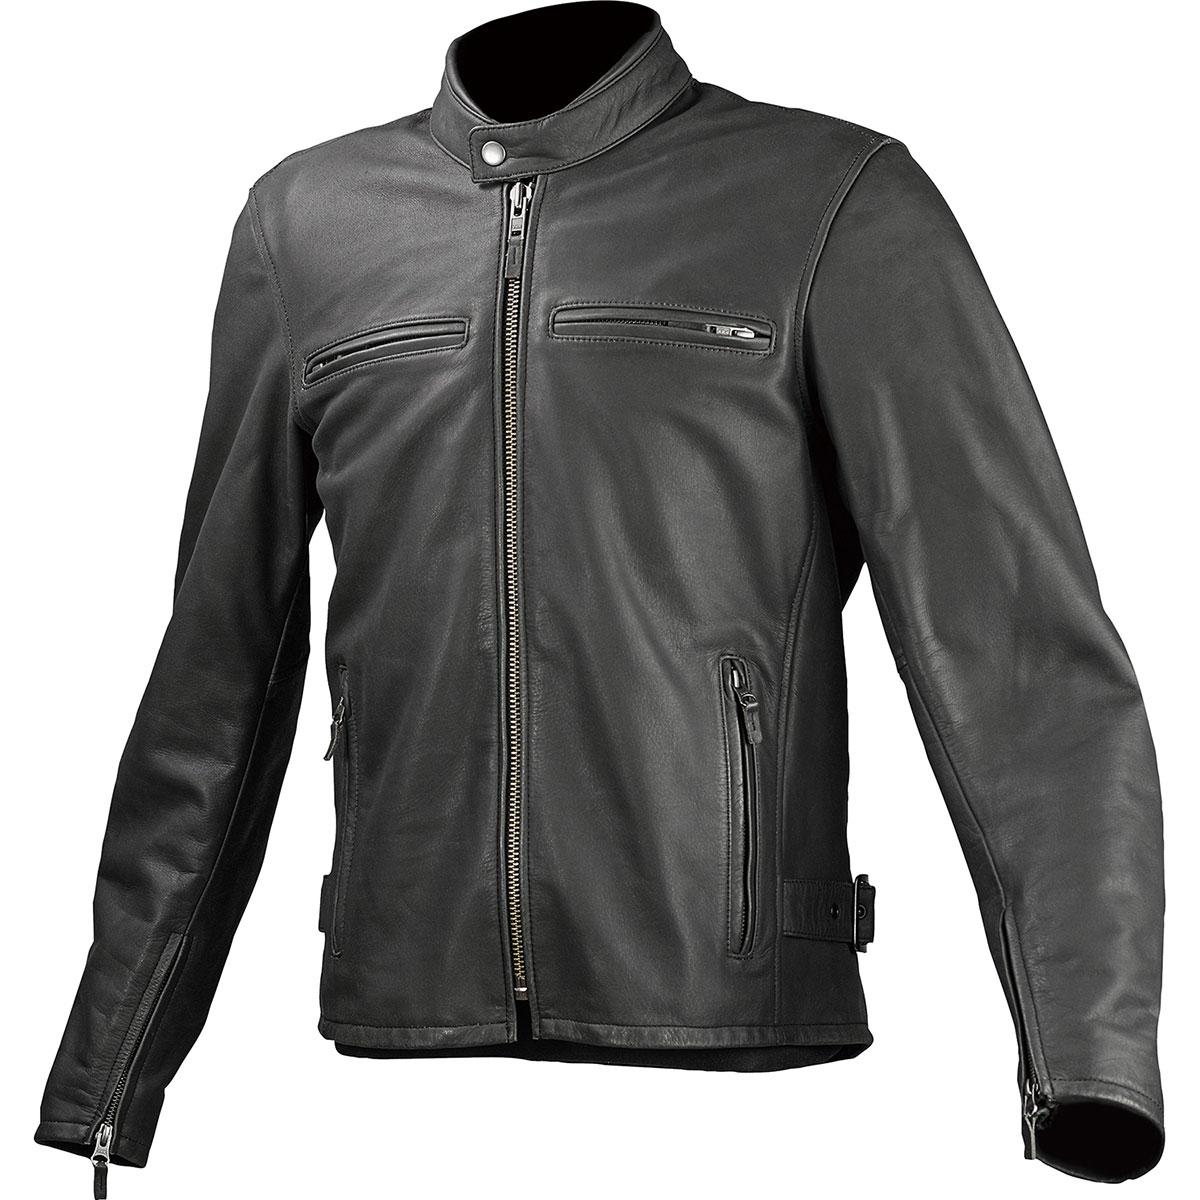 コミネ (Komine) バイク用 ジャケット Jacket LJ-534 シングルライダースレザージャケット ブラック 黒 XLサイズ 02-534/BK/XL